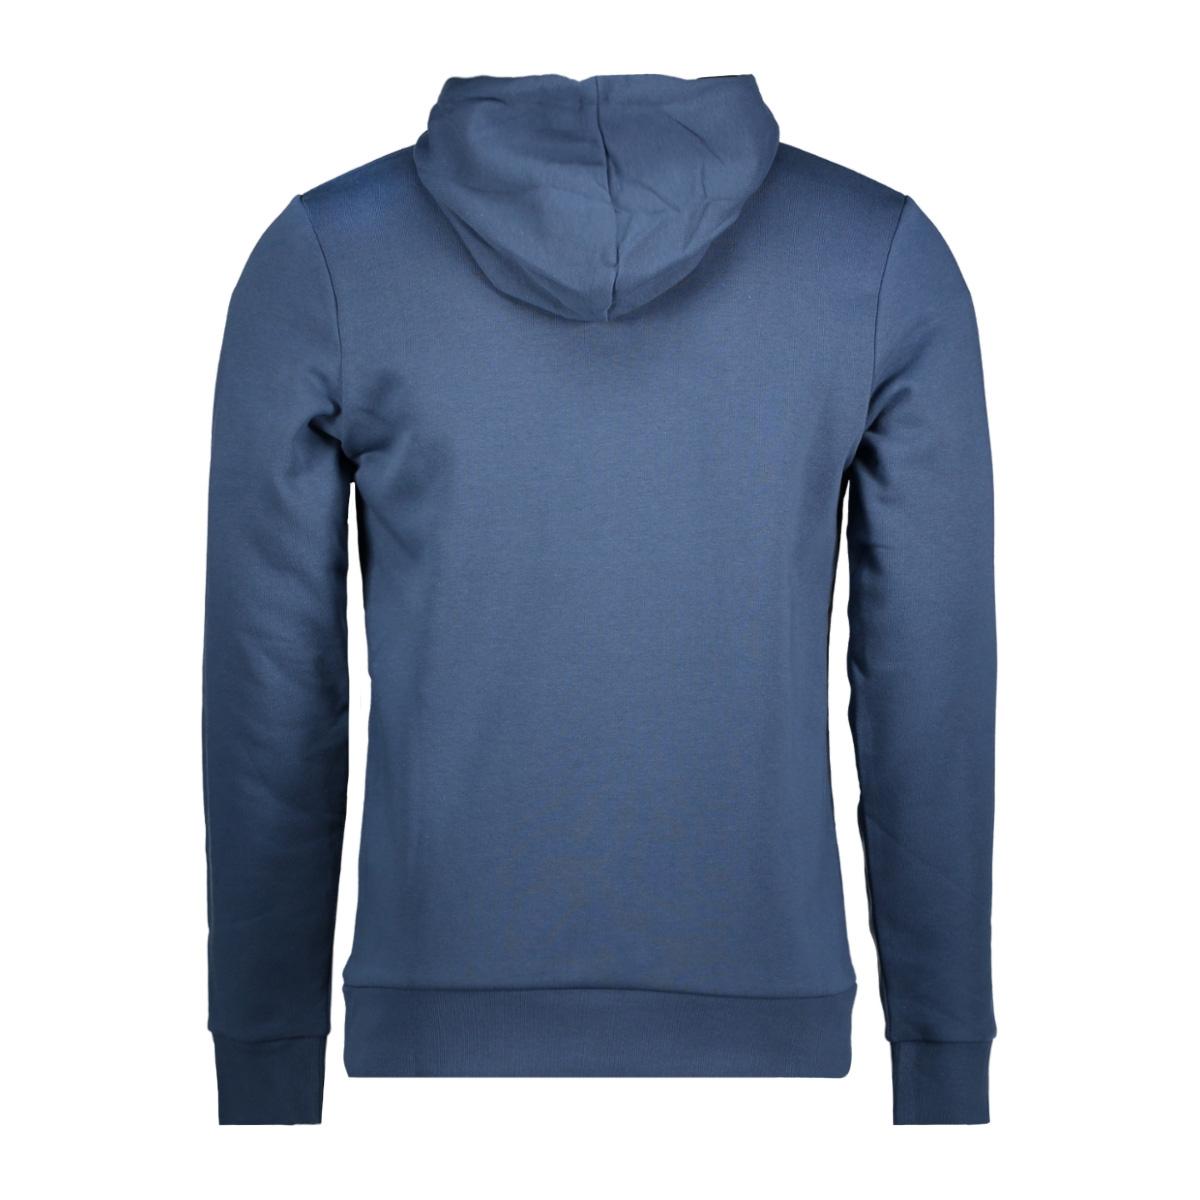 jcobooster sweat hood 0011 12137596 jack & jones sweater sargasso sea